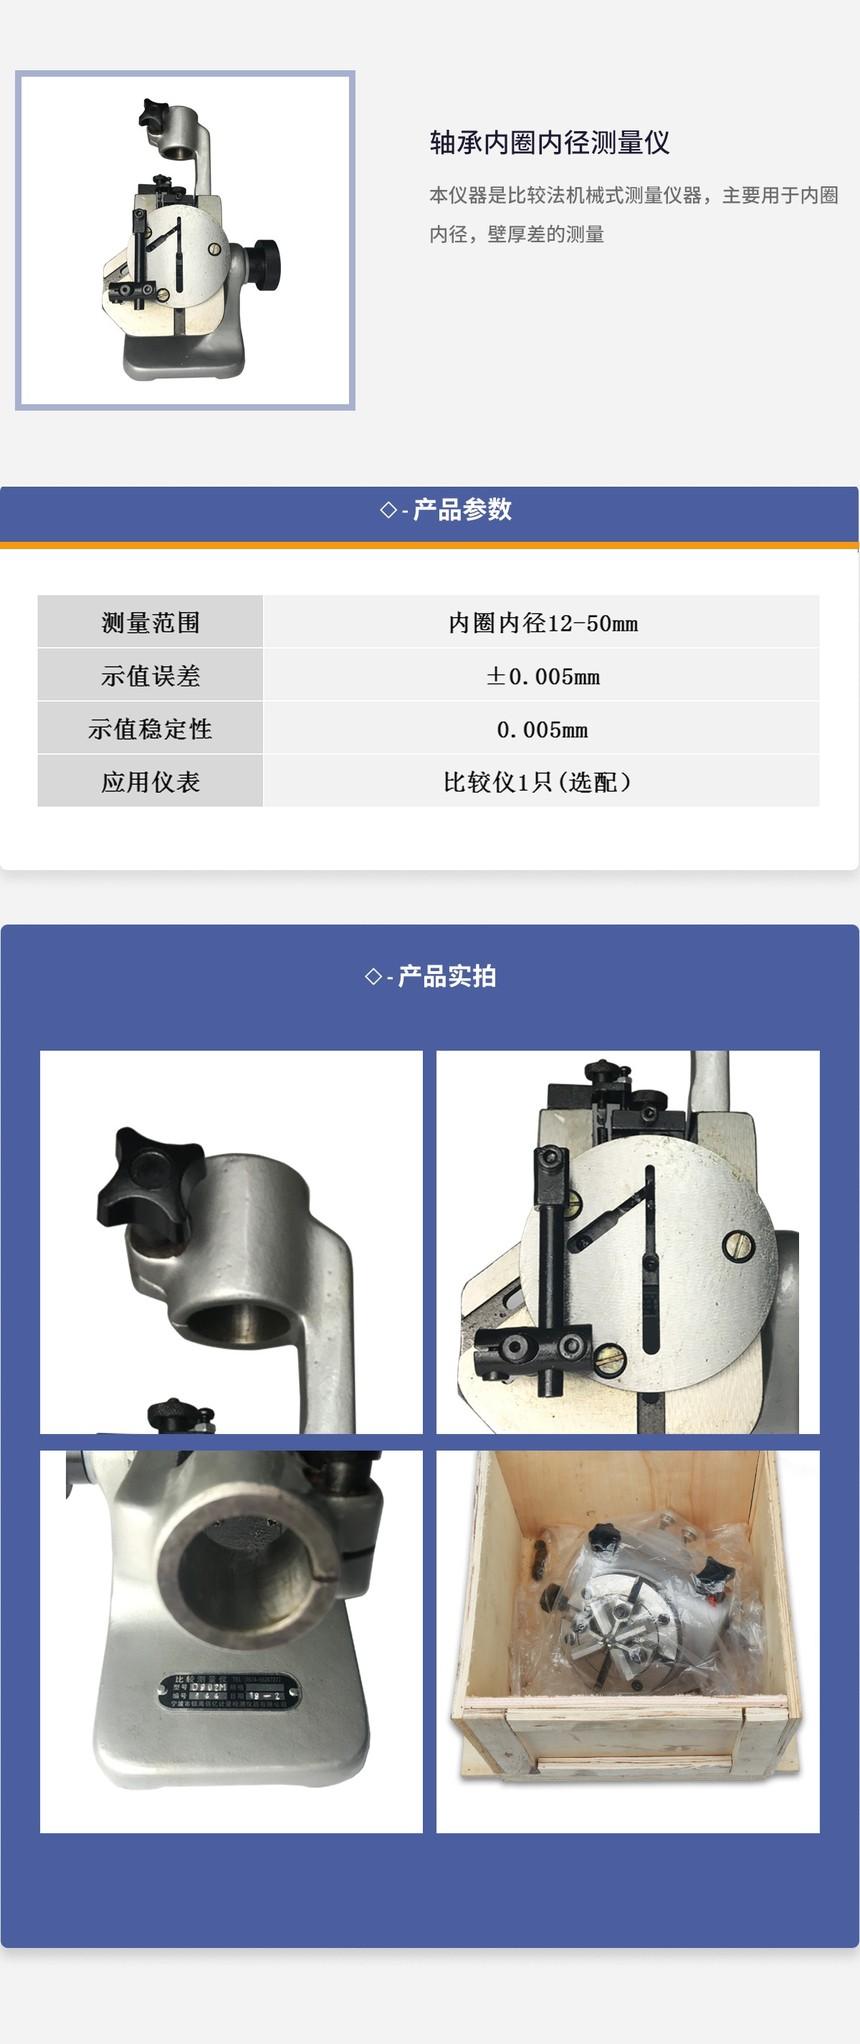 D902M轴承内圈内径测量仪_02.jpg